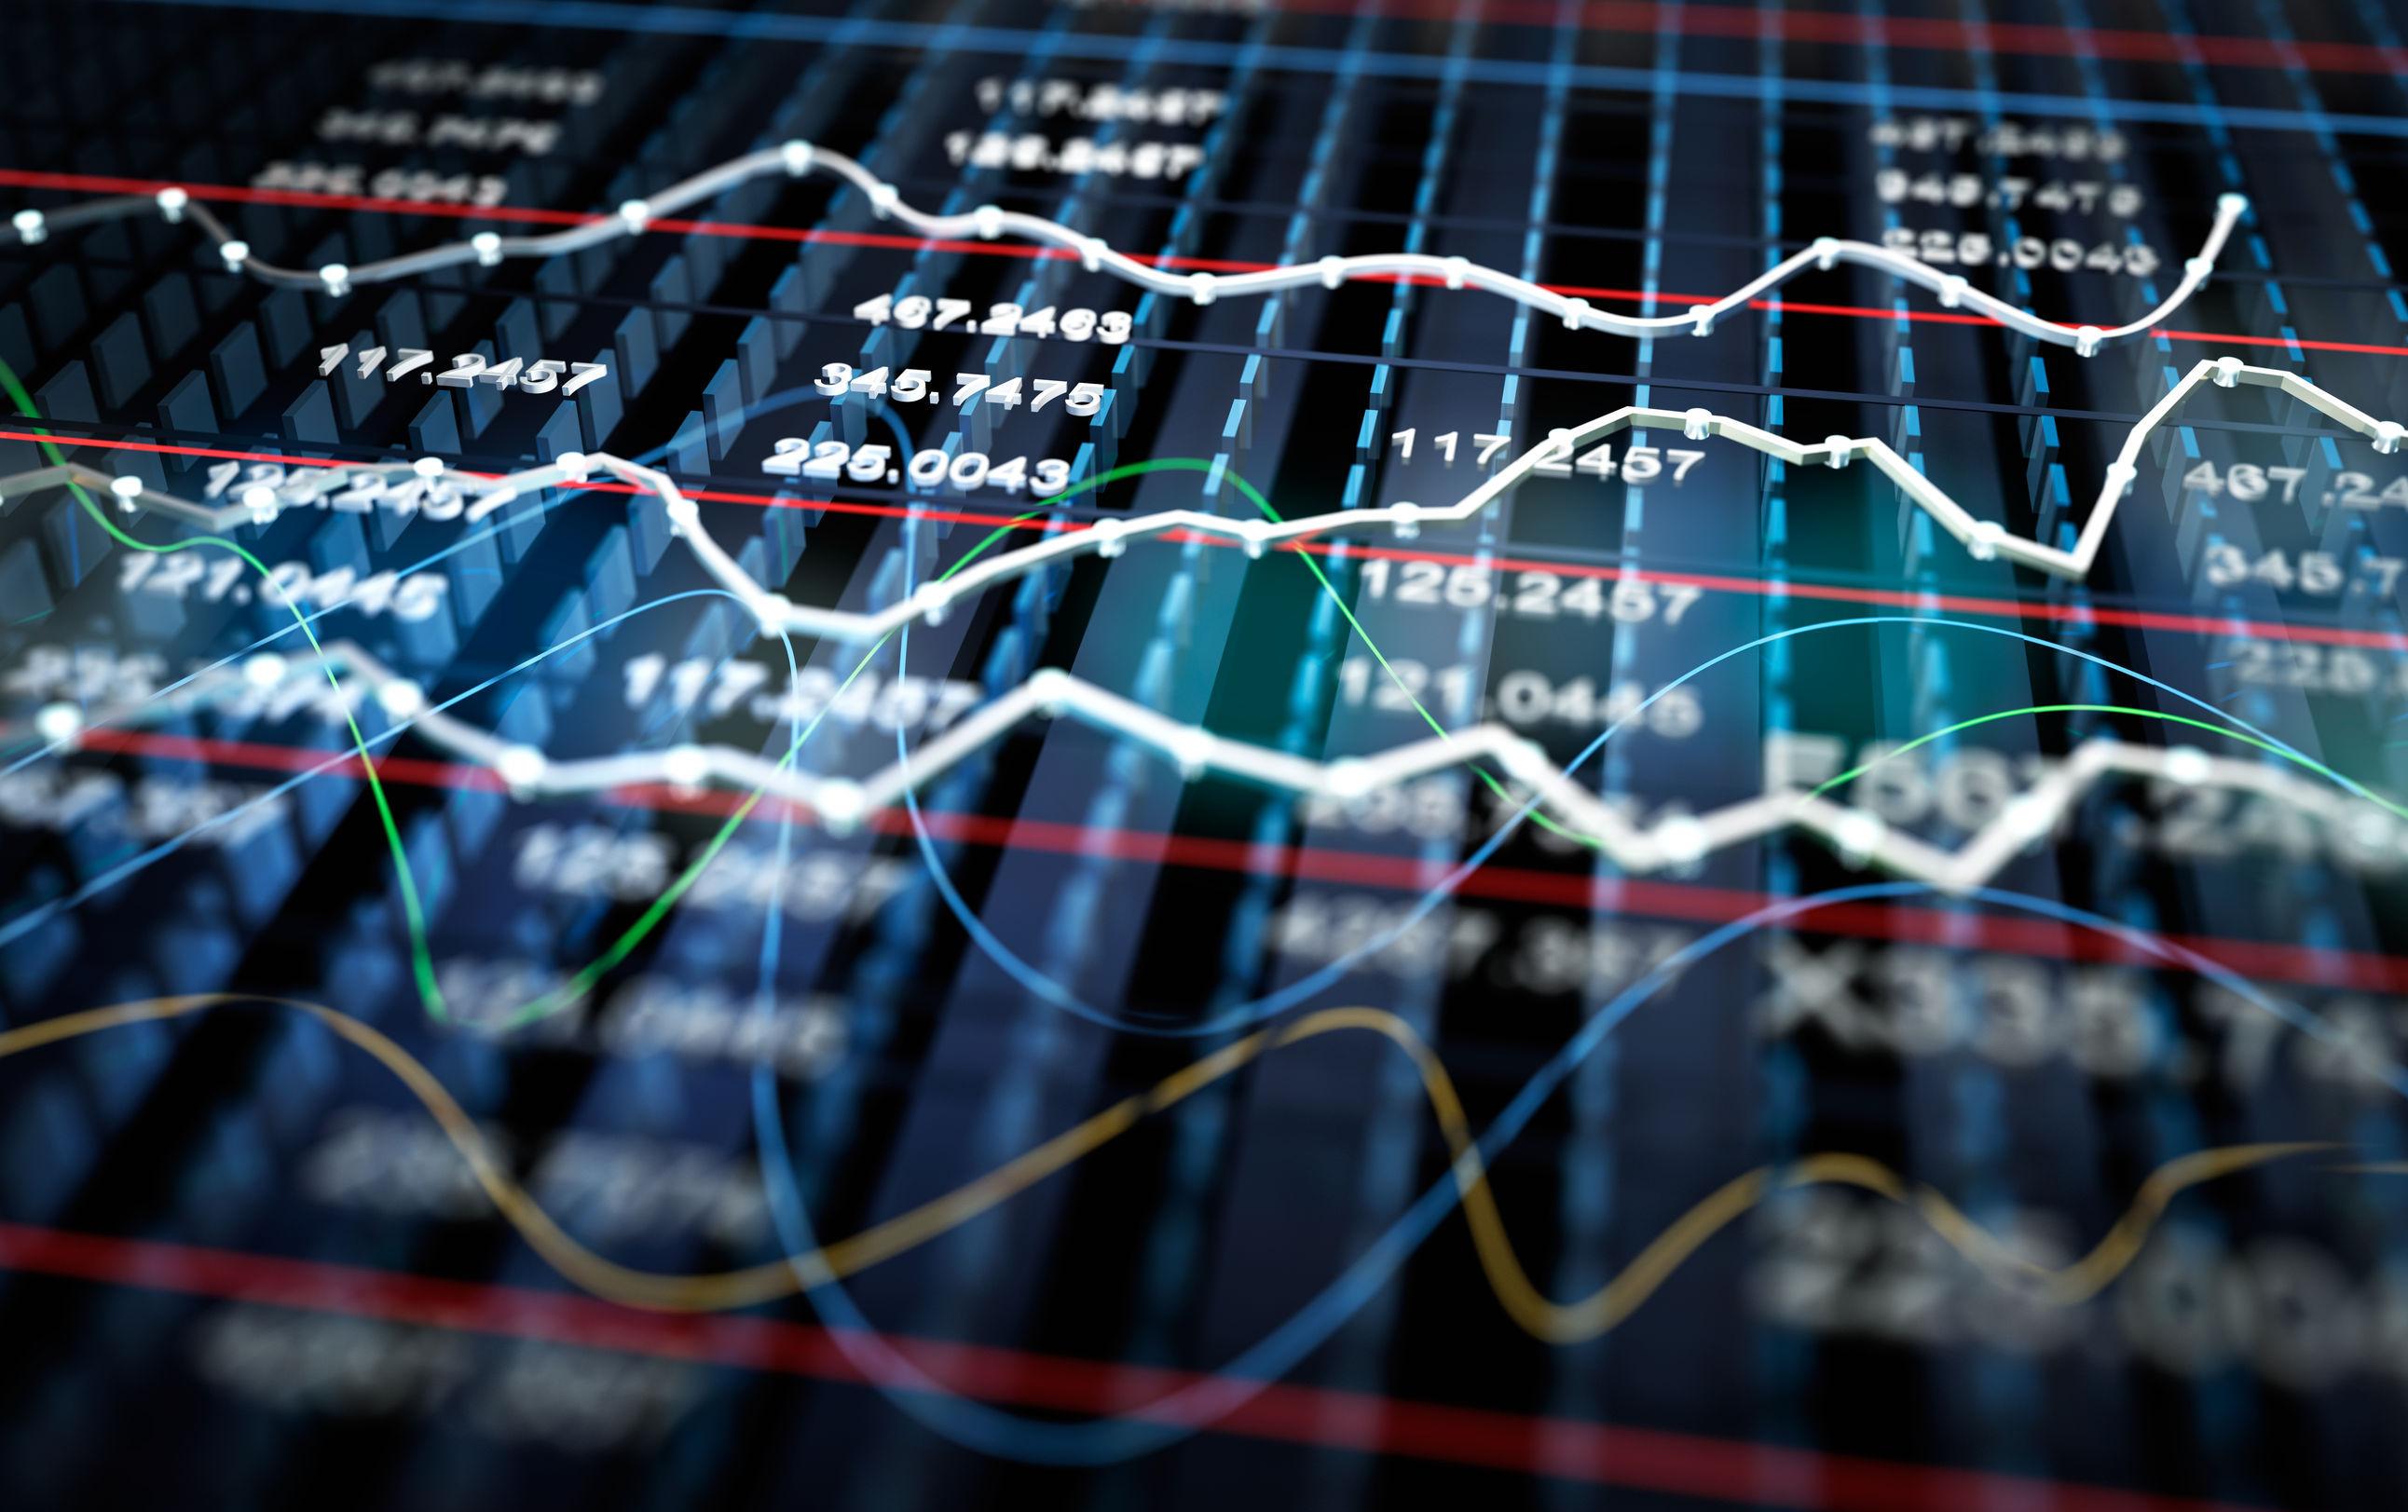 Transilvania Broker raportează în S1/2018 venituri de 29 mil. lei, mai mari cu 10% şi cu un profit de 2 milioane de lei